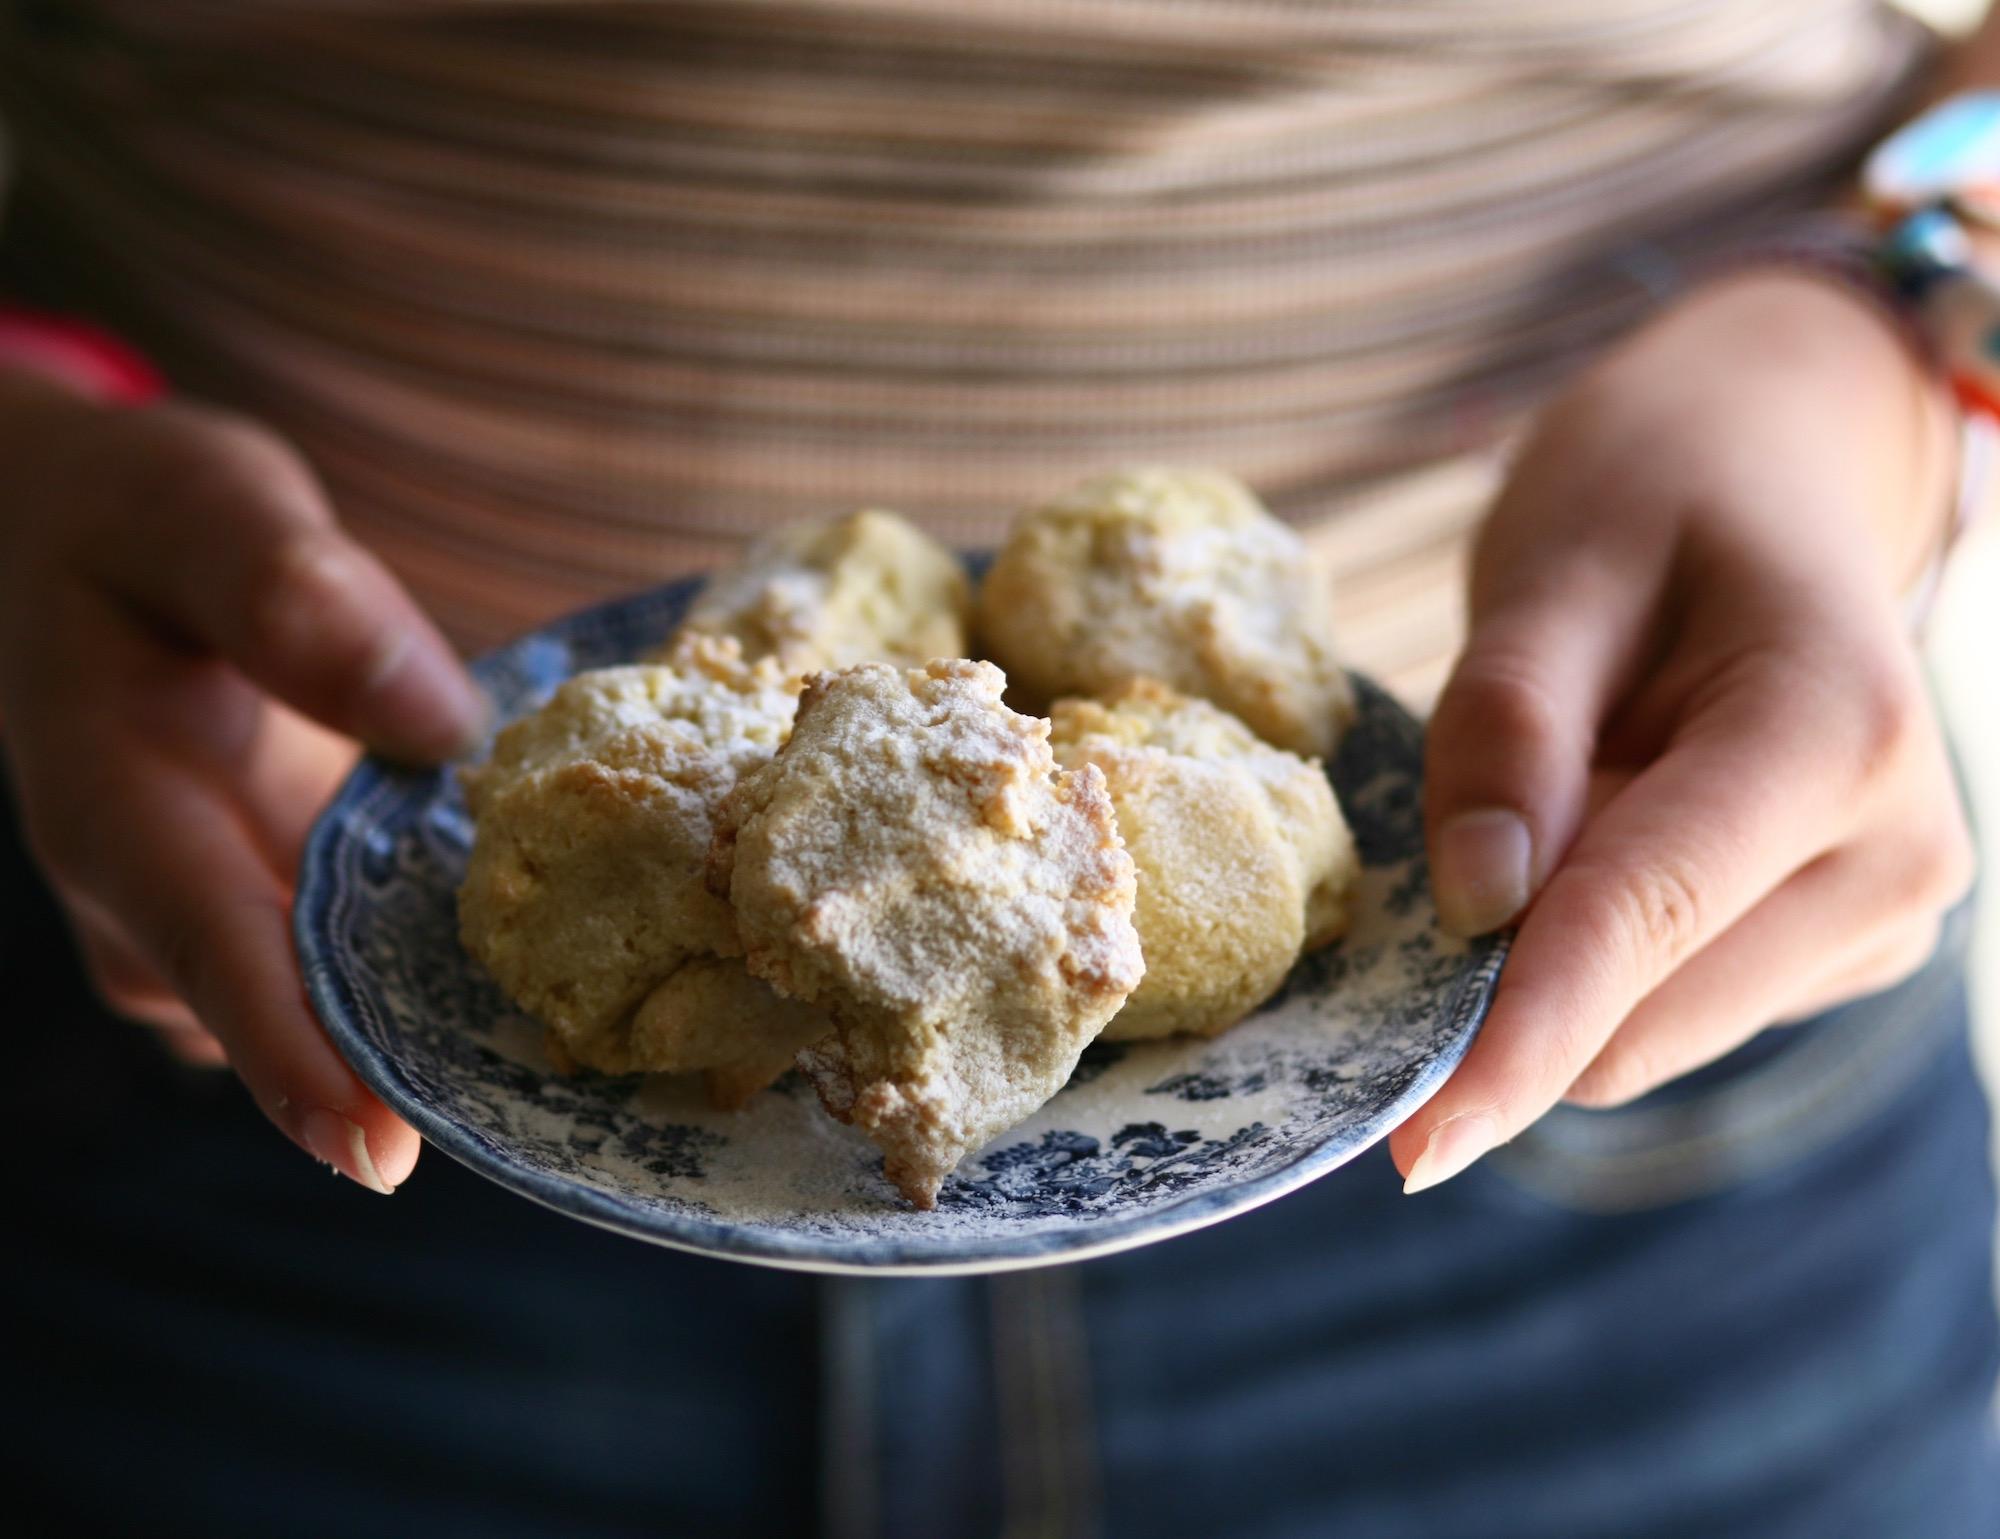 עוגיות שקדים לפסח, ניצול שאריות חלמונים